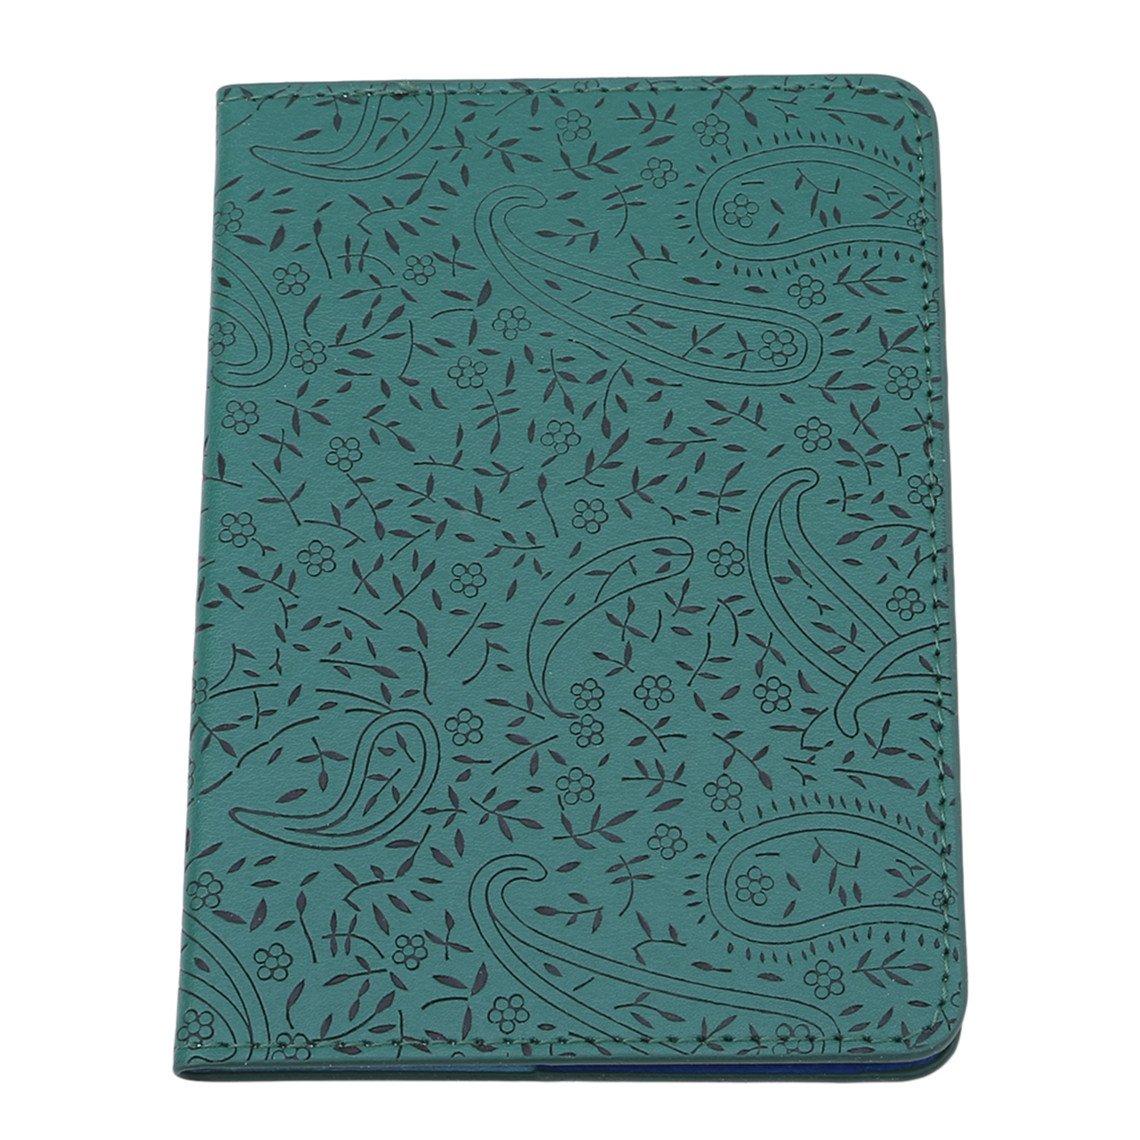 Rurah Cute Passport Holder Case Lavender Leather Passport Cover Holder Case Travel Card Wallet,Dark Green